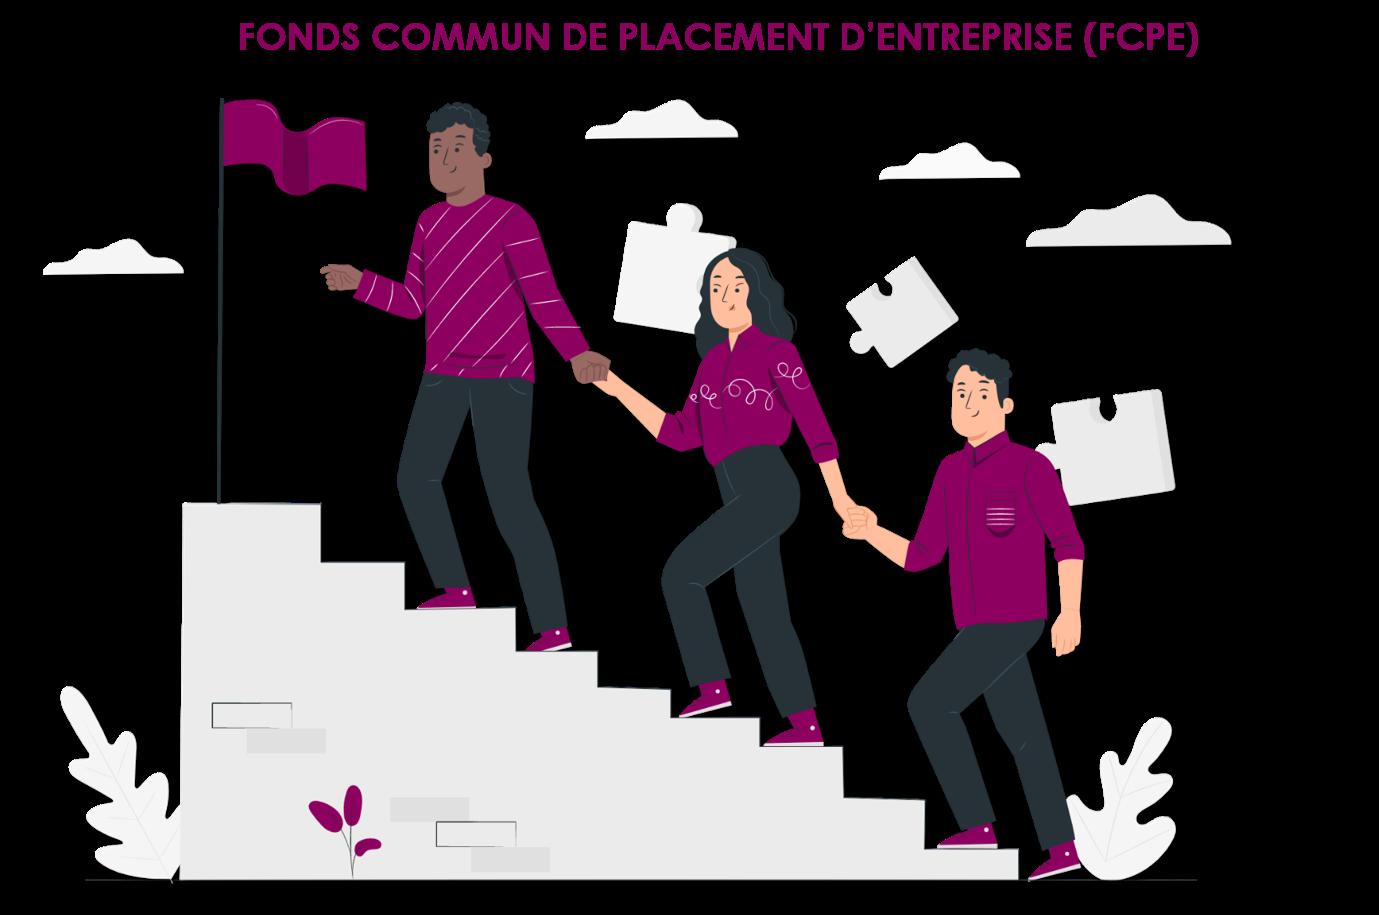 Colisée associe ses équipes à la réussite de l'entreprise en mettant en place un fonds commun de placement d'entreprise (FCPE) !